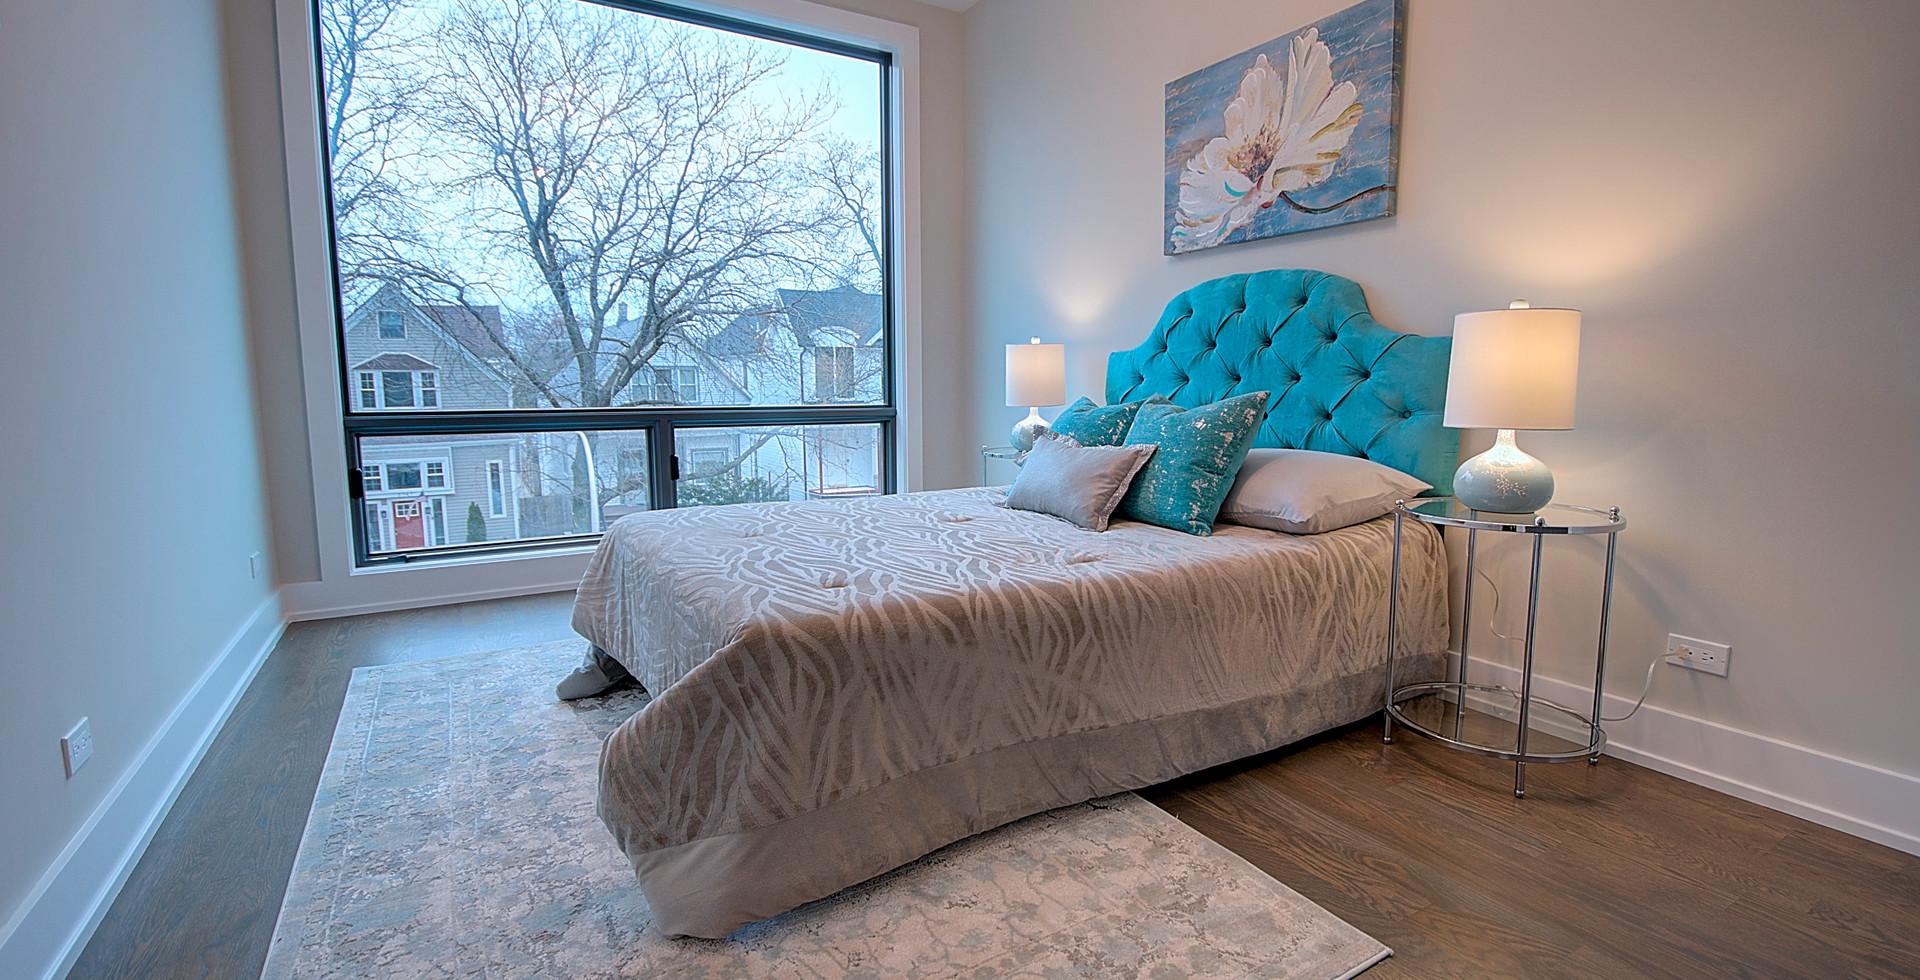 Bedroom in Naperville designed by MRM Home Design.jpg